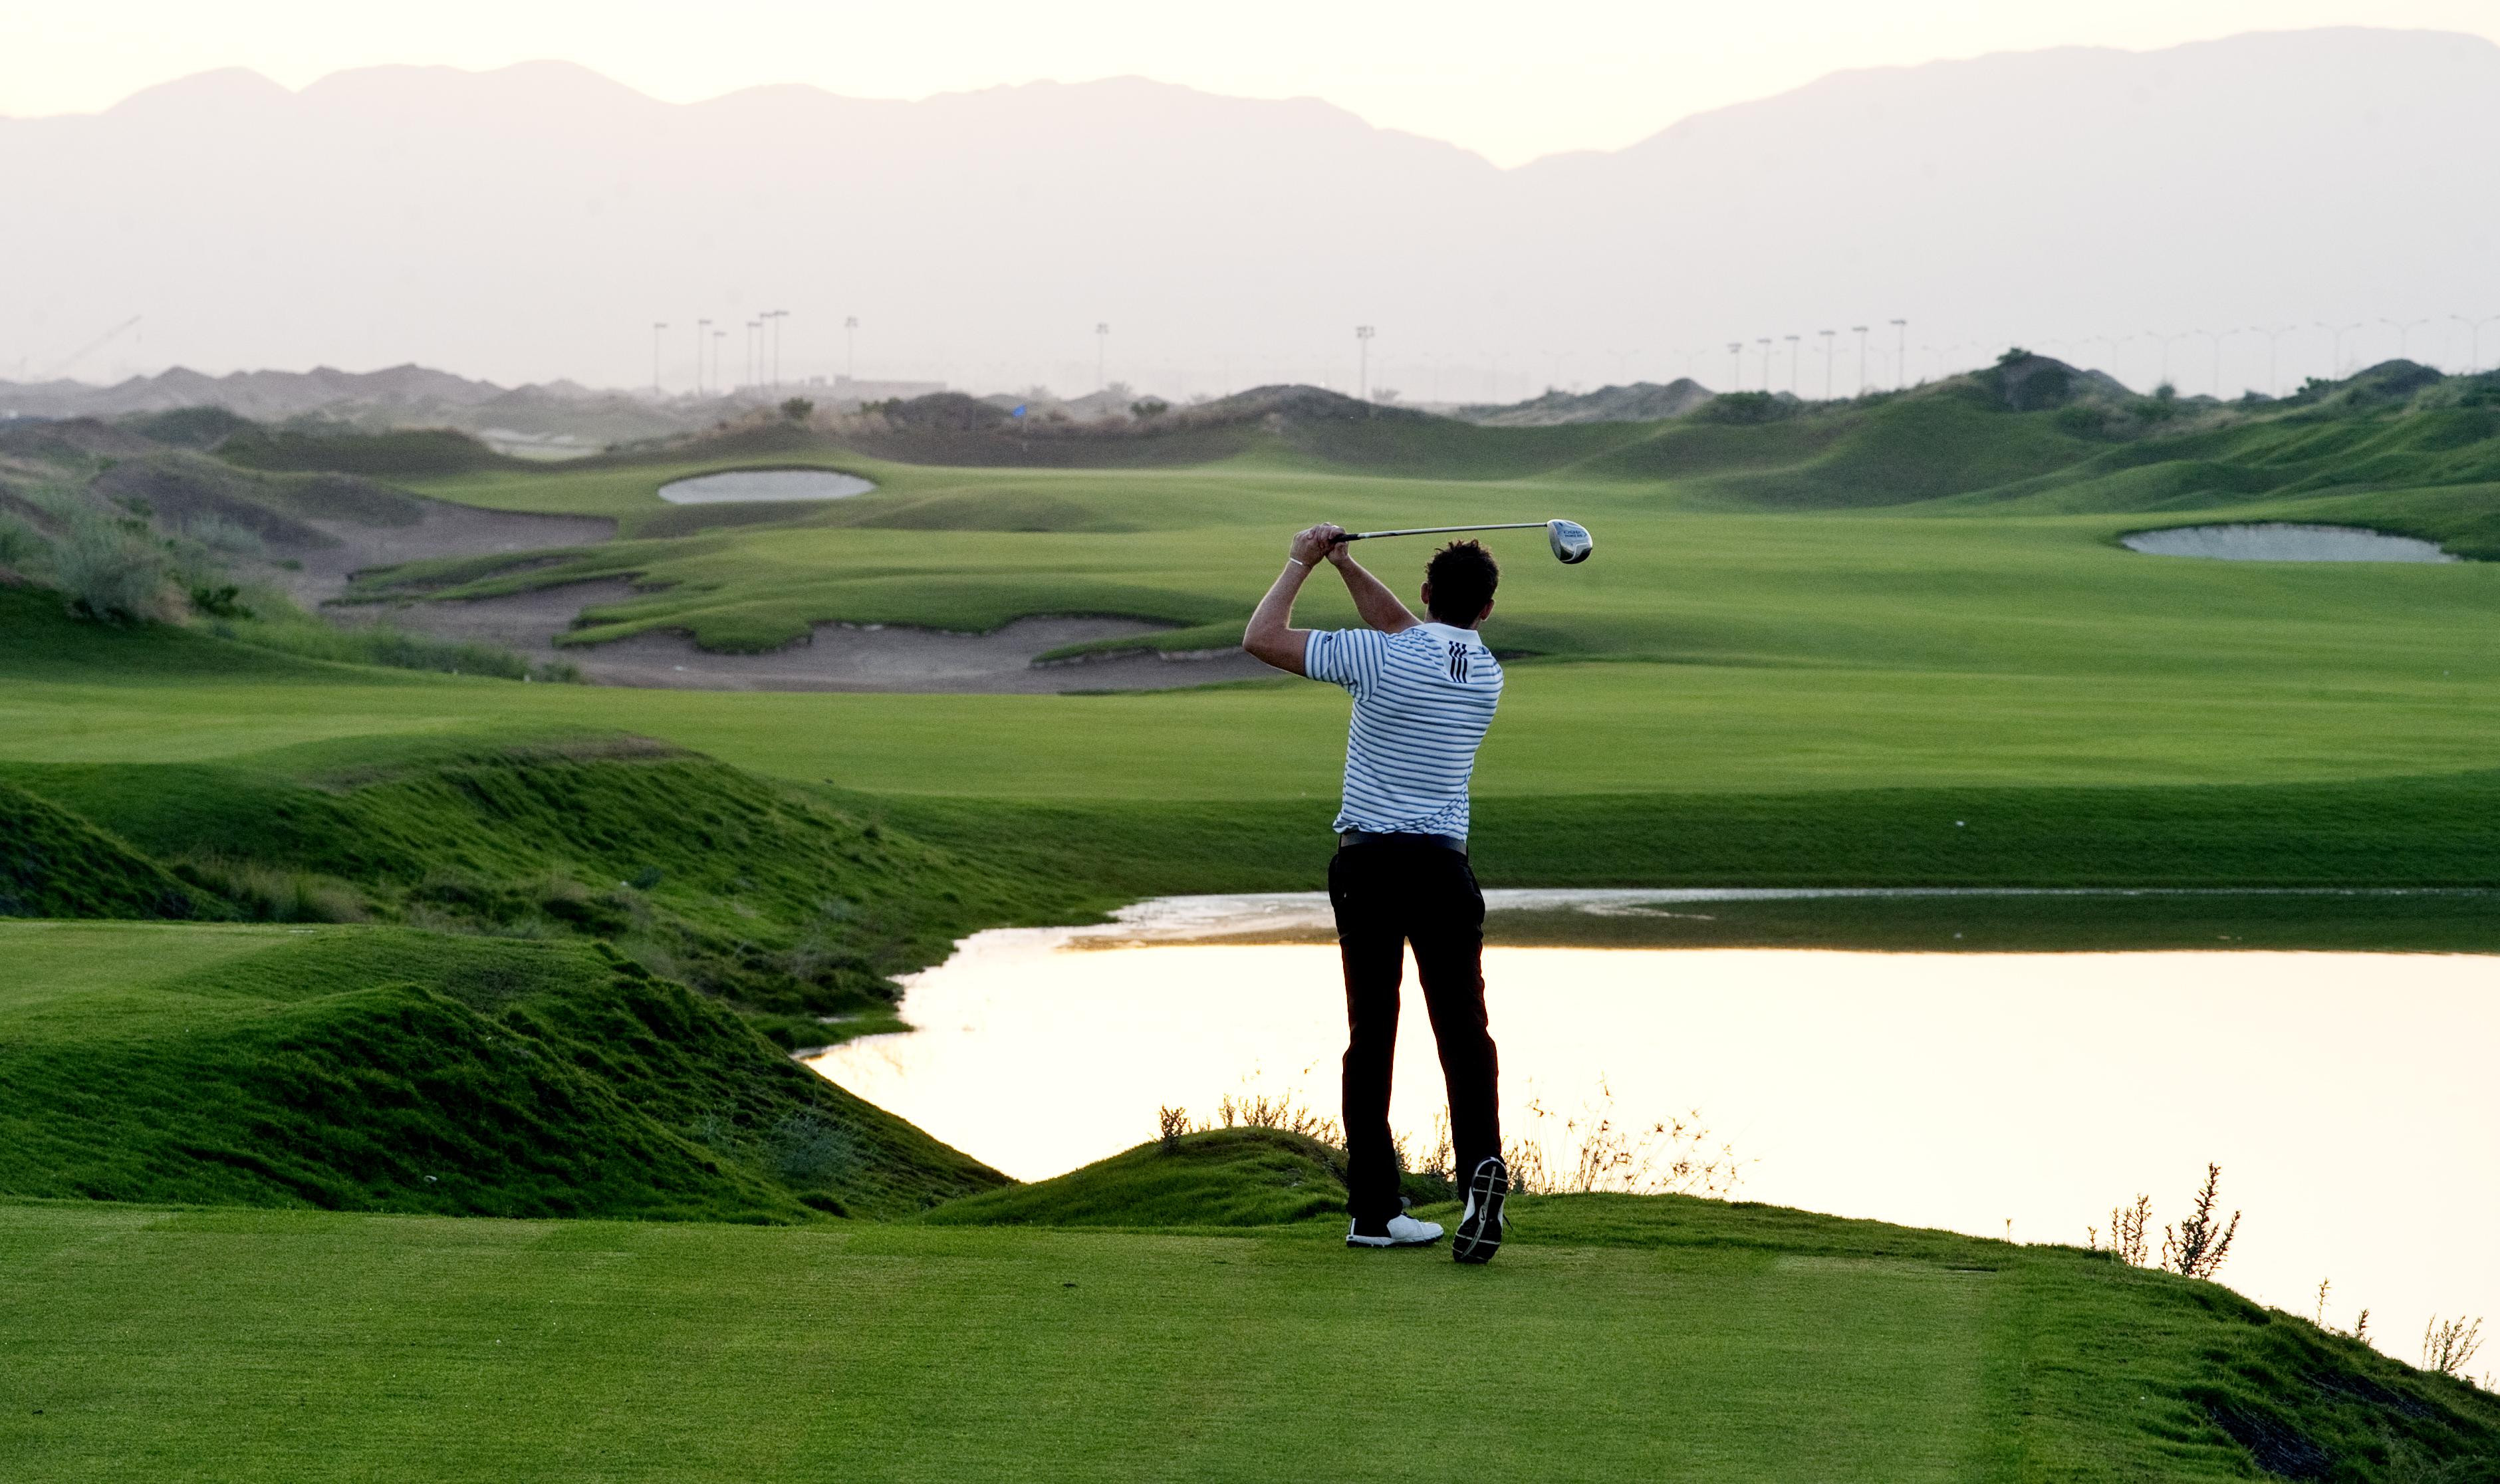 le golf toute une histoire toute l 39 actualit du golf en france et dans le monde. Black Bedroom Furniture Sets. Home Design Ideas